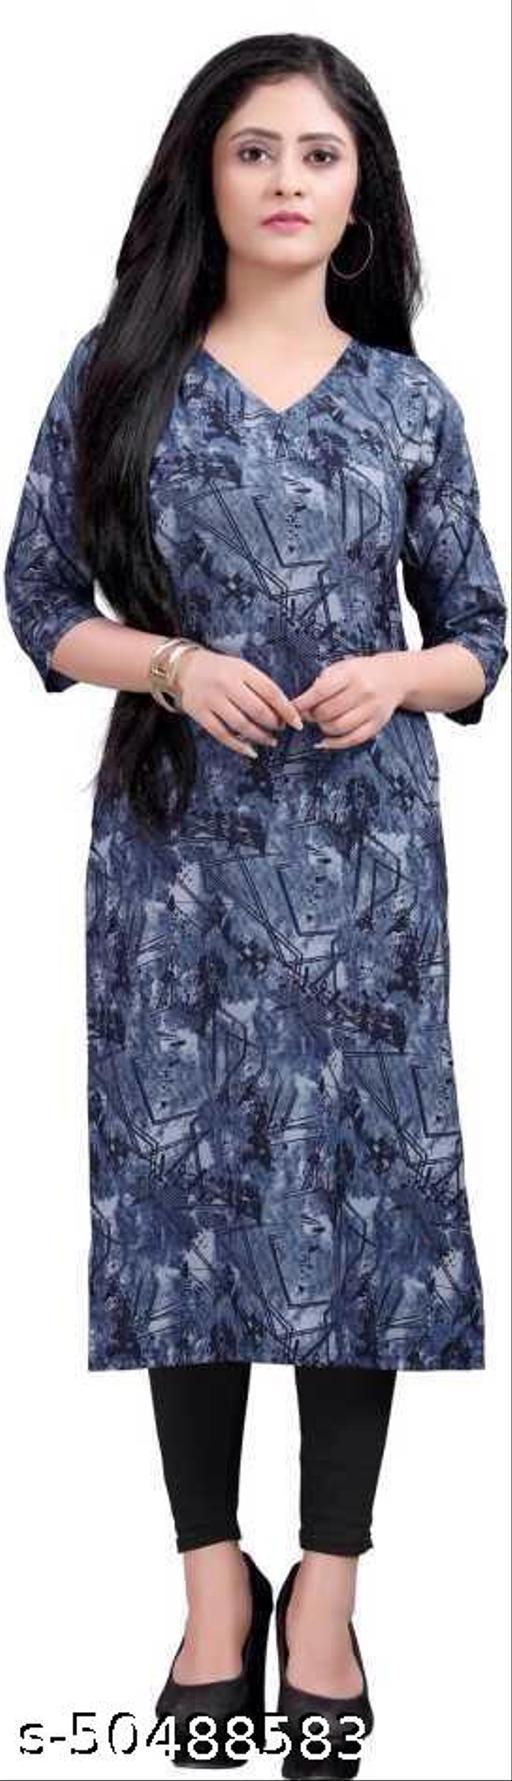 Crepe printed dress